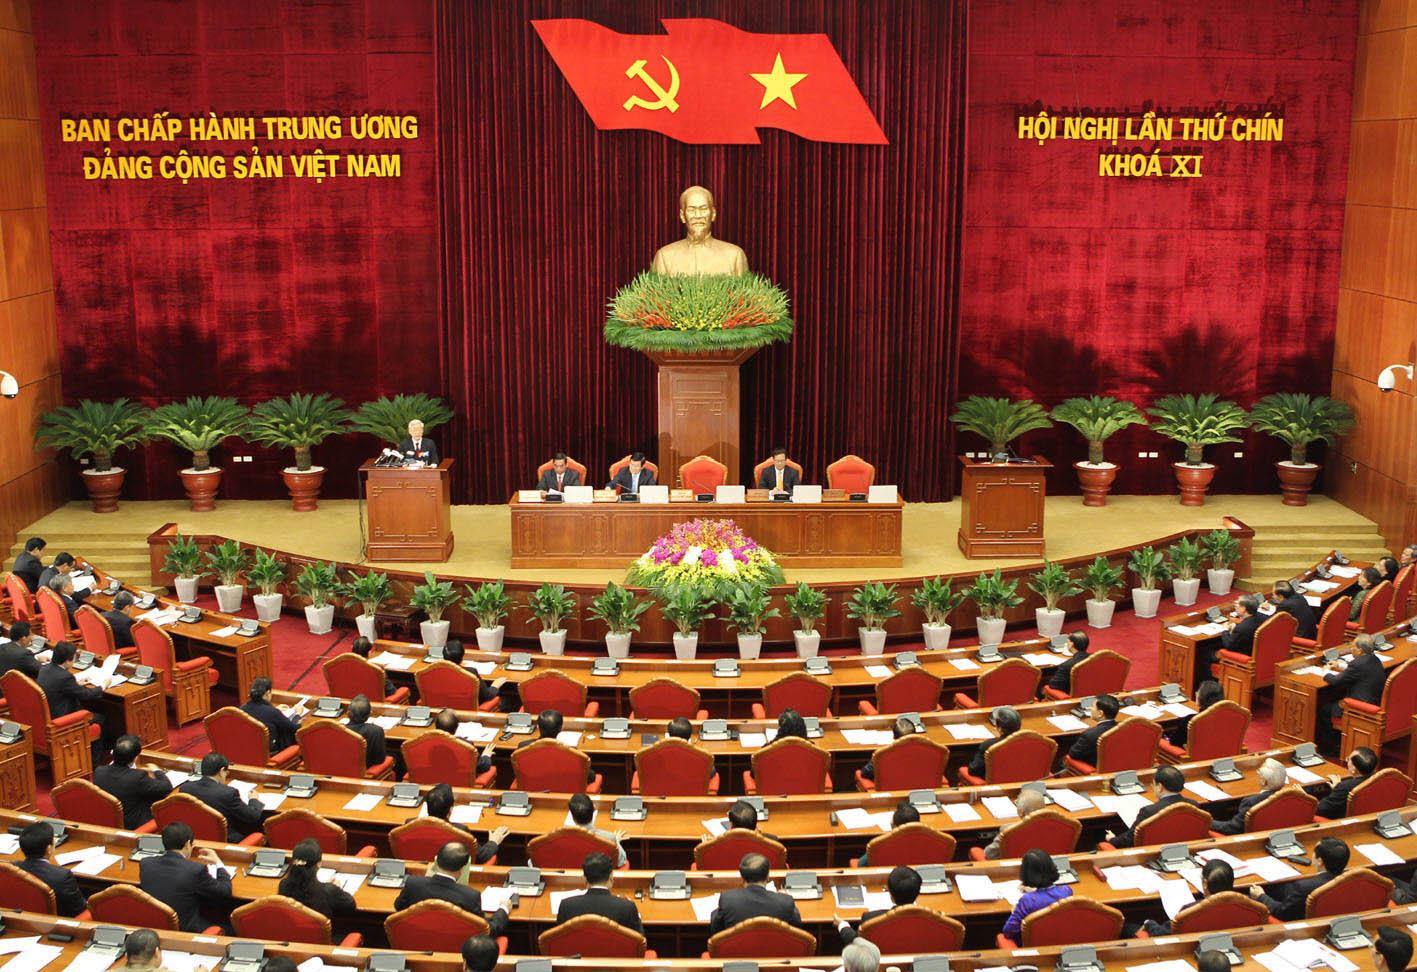 Bộ Chính trị chỉ đạo tiếp tục xây dựng và phát triển văn hóa, con người Việt Nam đáp ứng yêu cầu phát triển bền vững đất nước